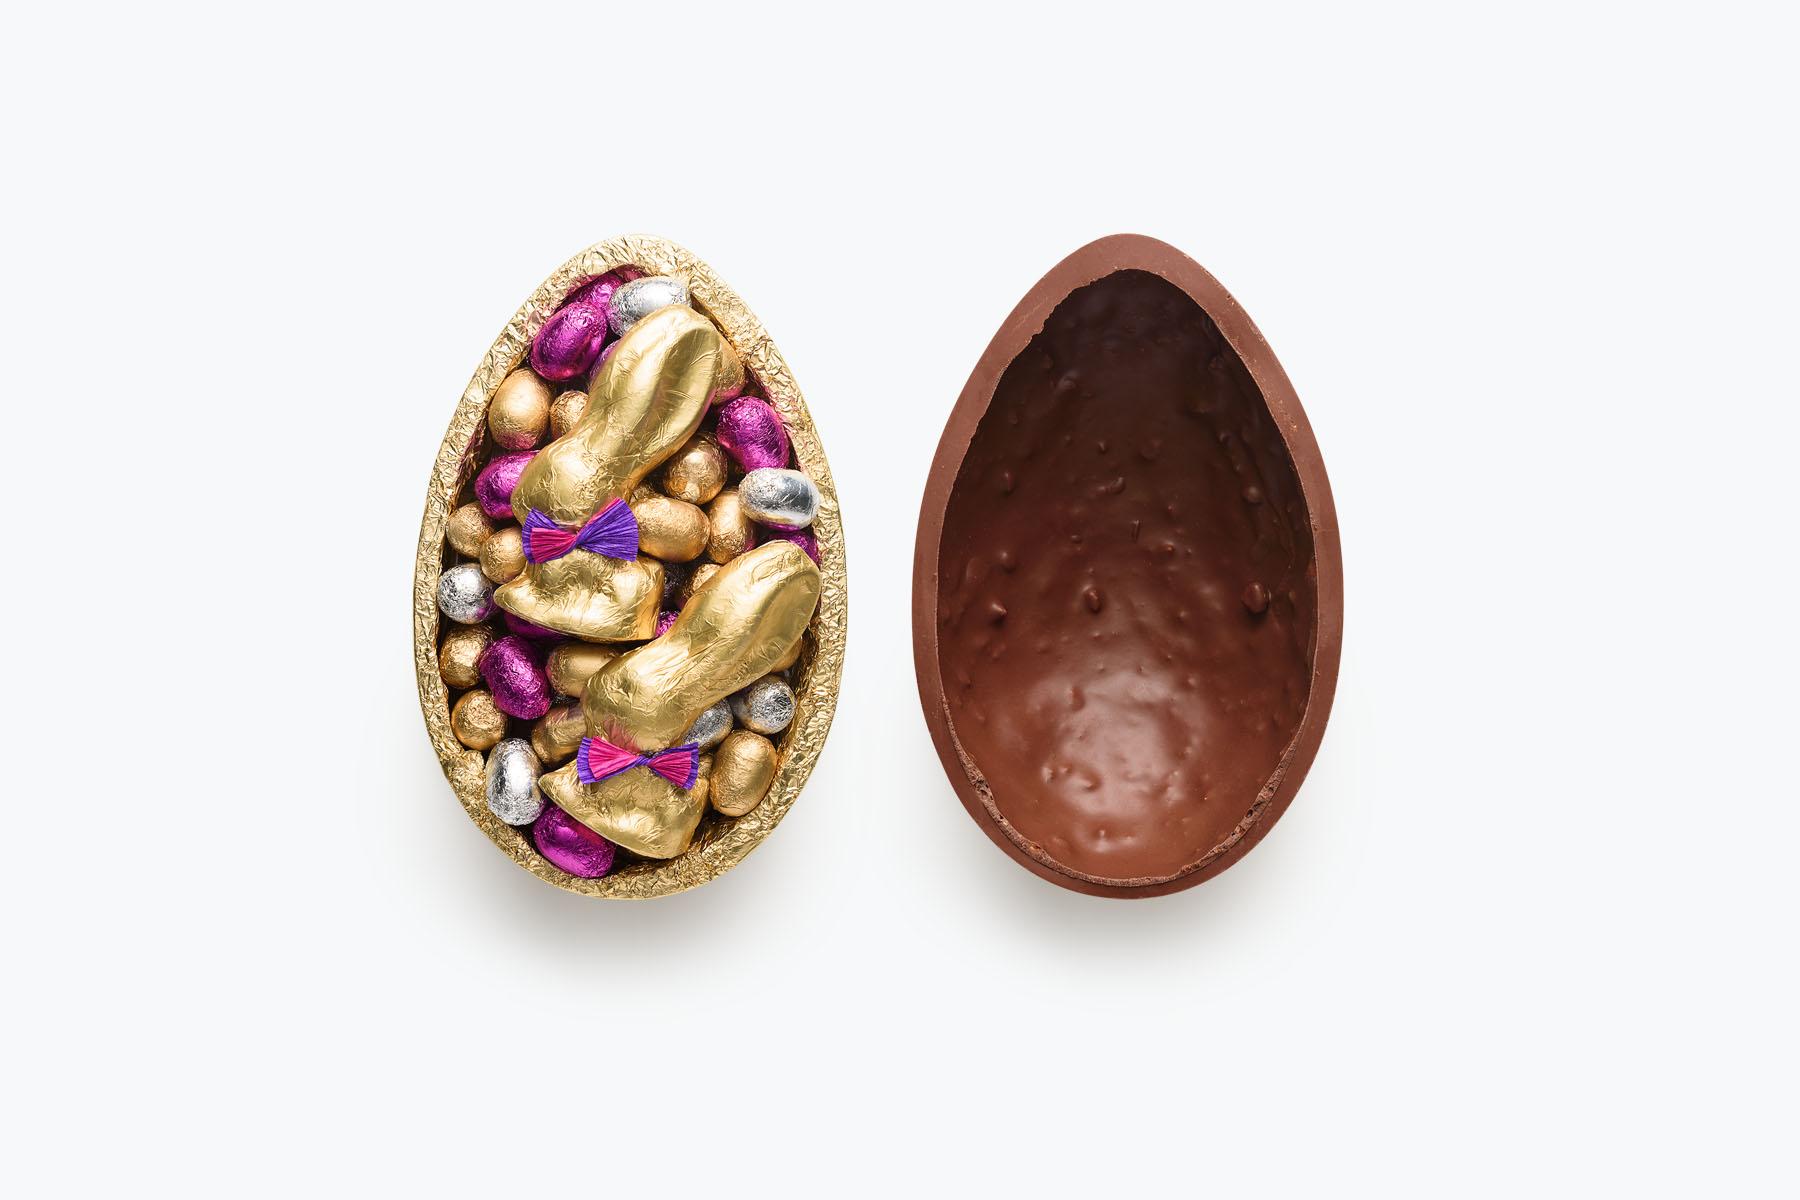 Ovo aberto: croquant da Chocolat du Jour vem com coelhinhos e miniovos na parte interna